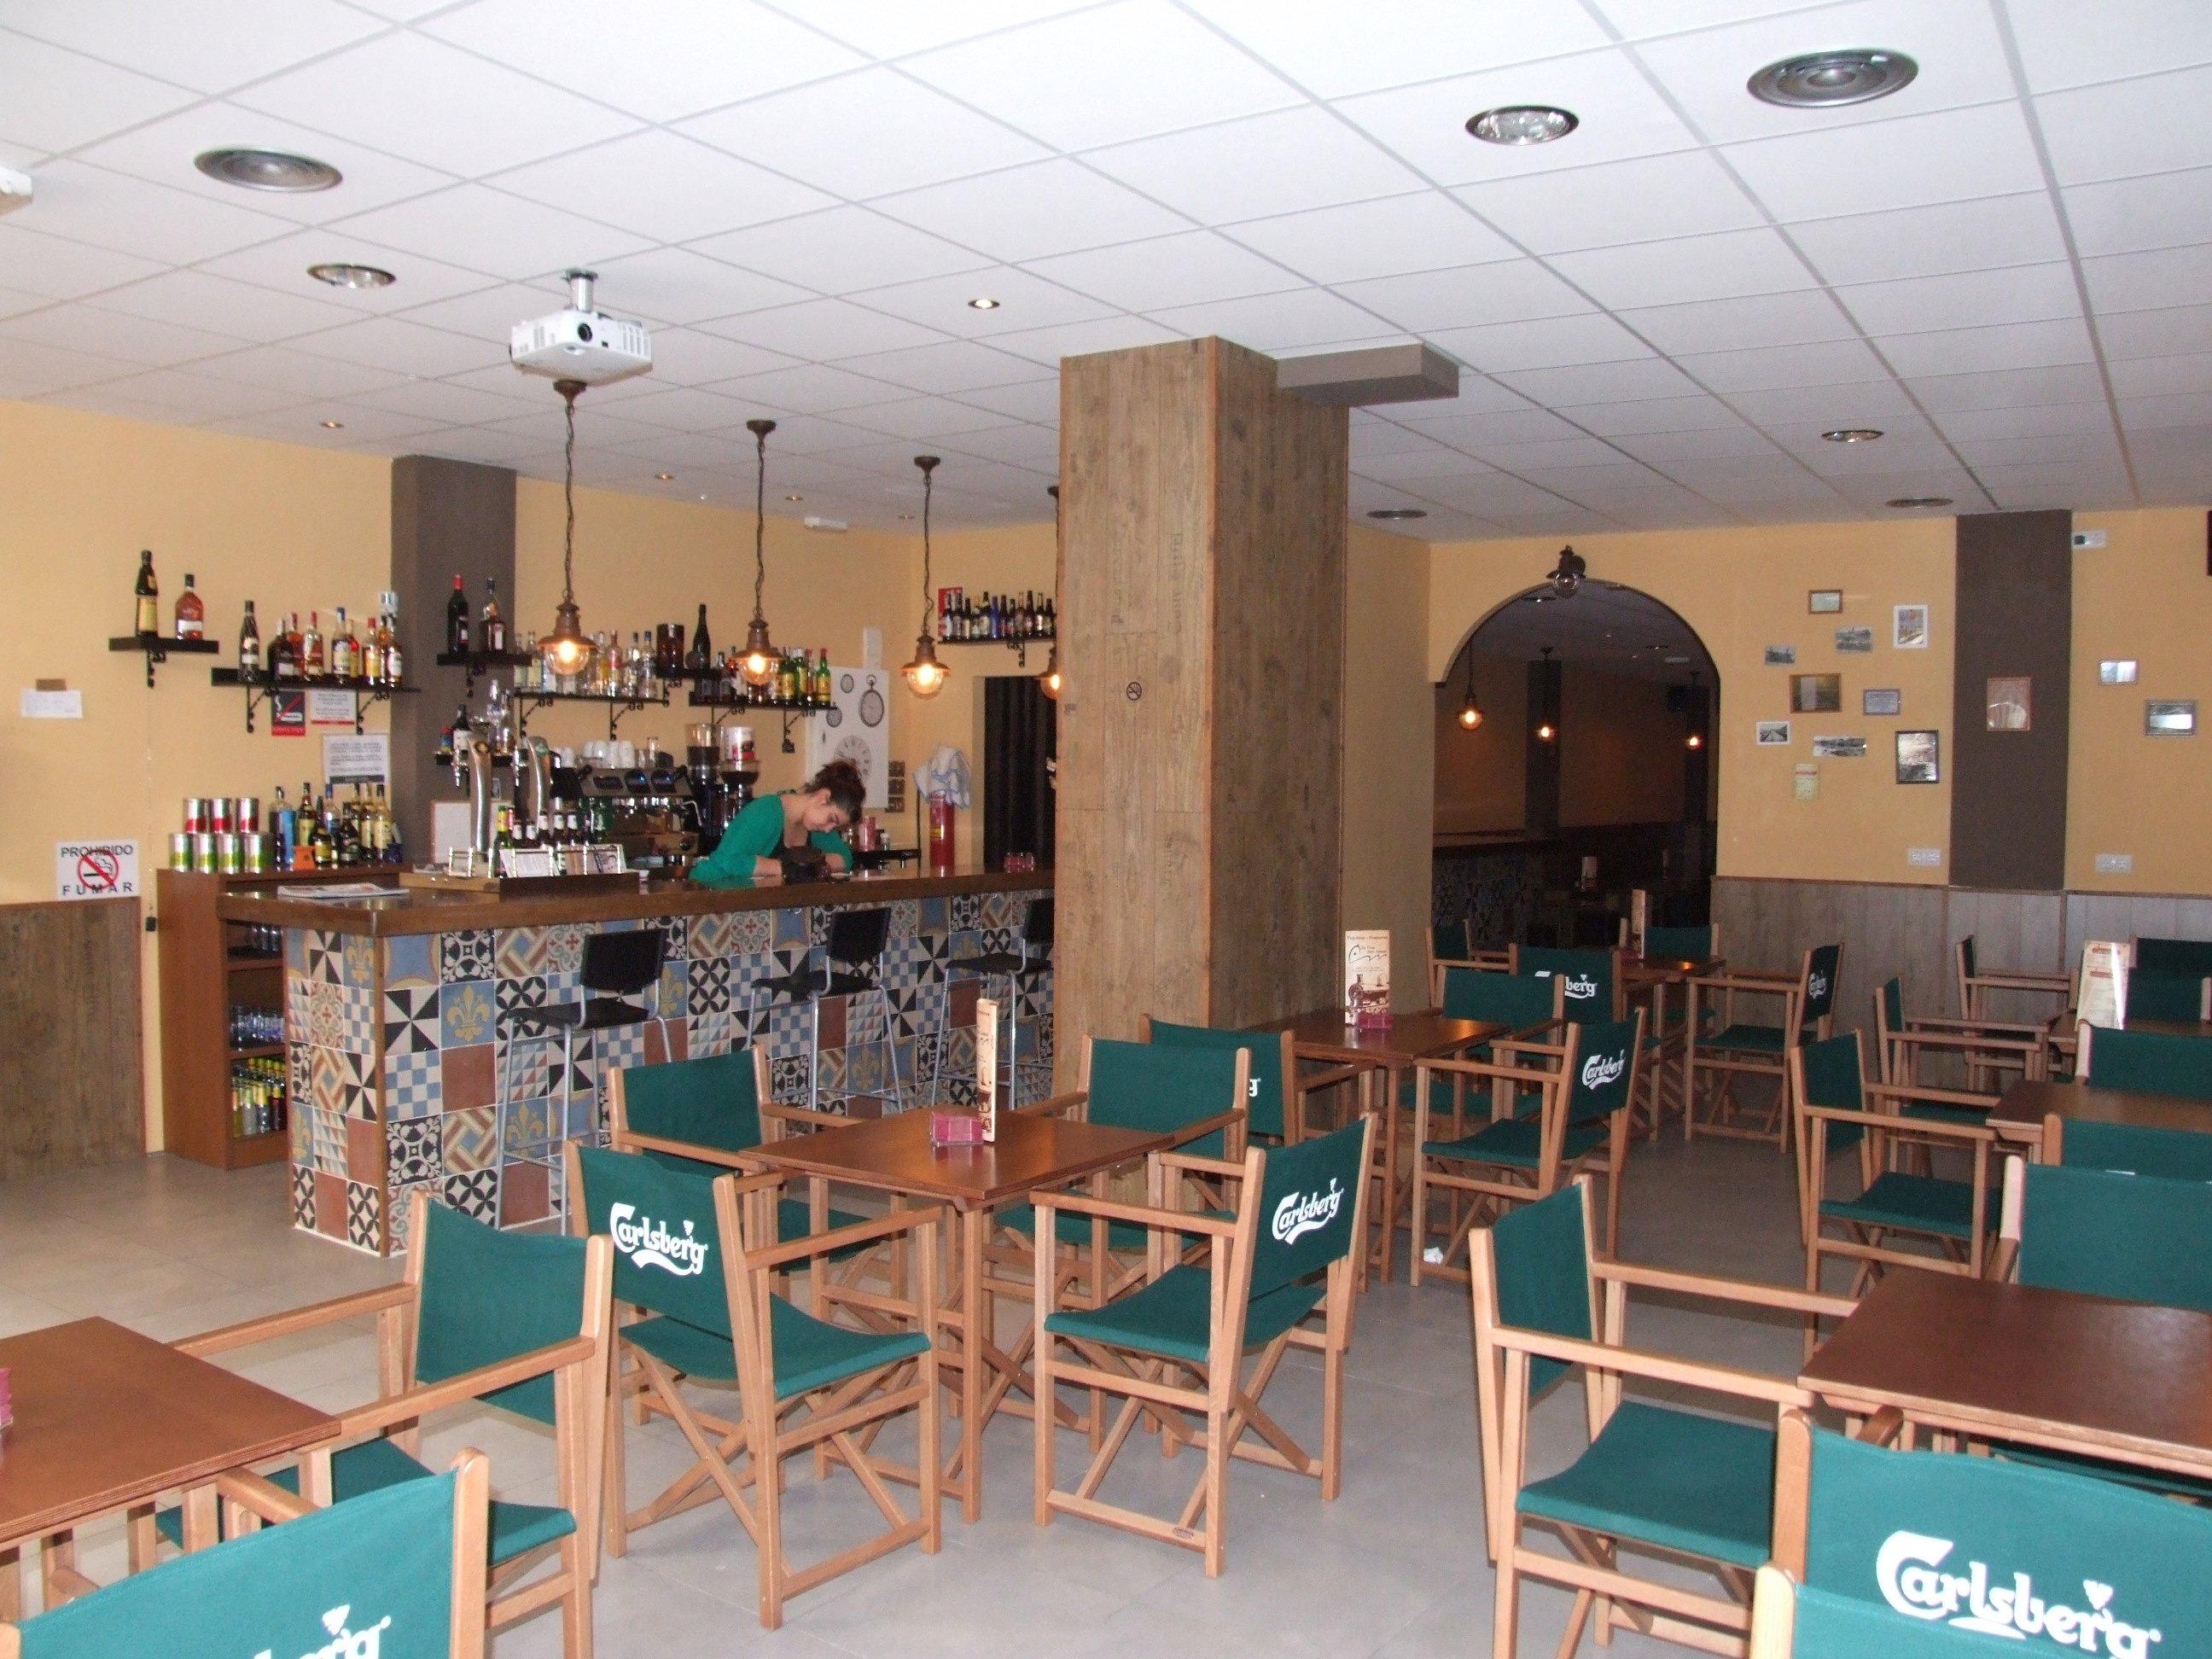 Licencia de obras y actividad para bar cafeter a ideas - Proyecto bar cafeteria ...